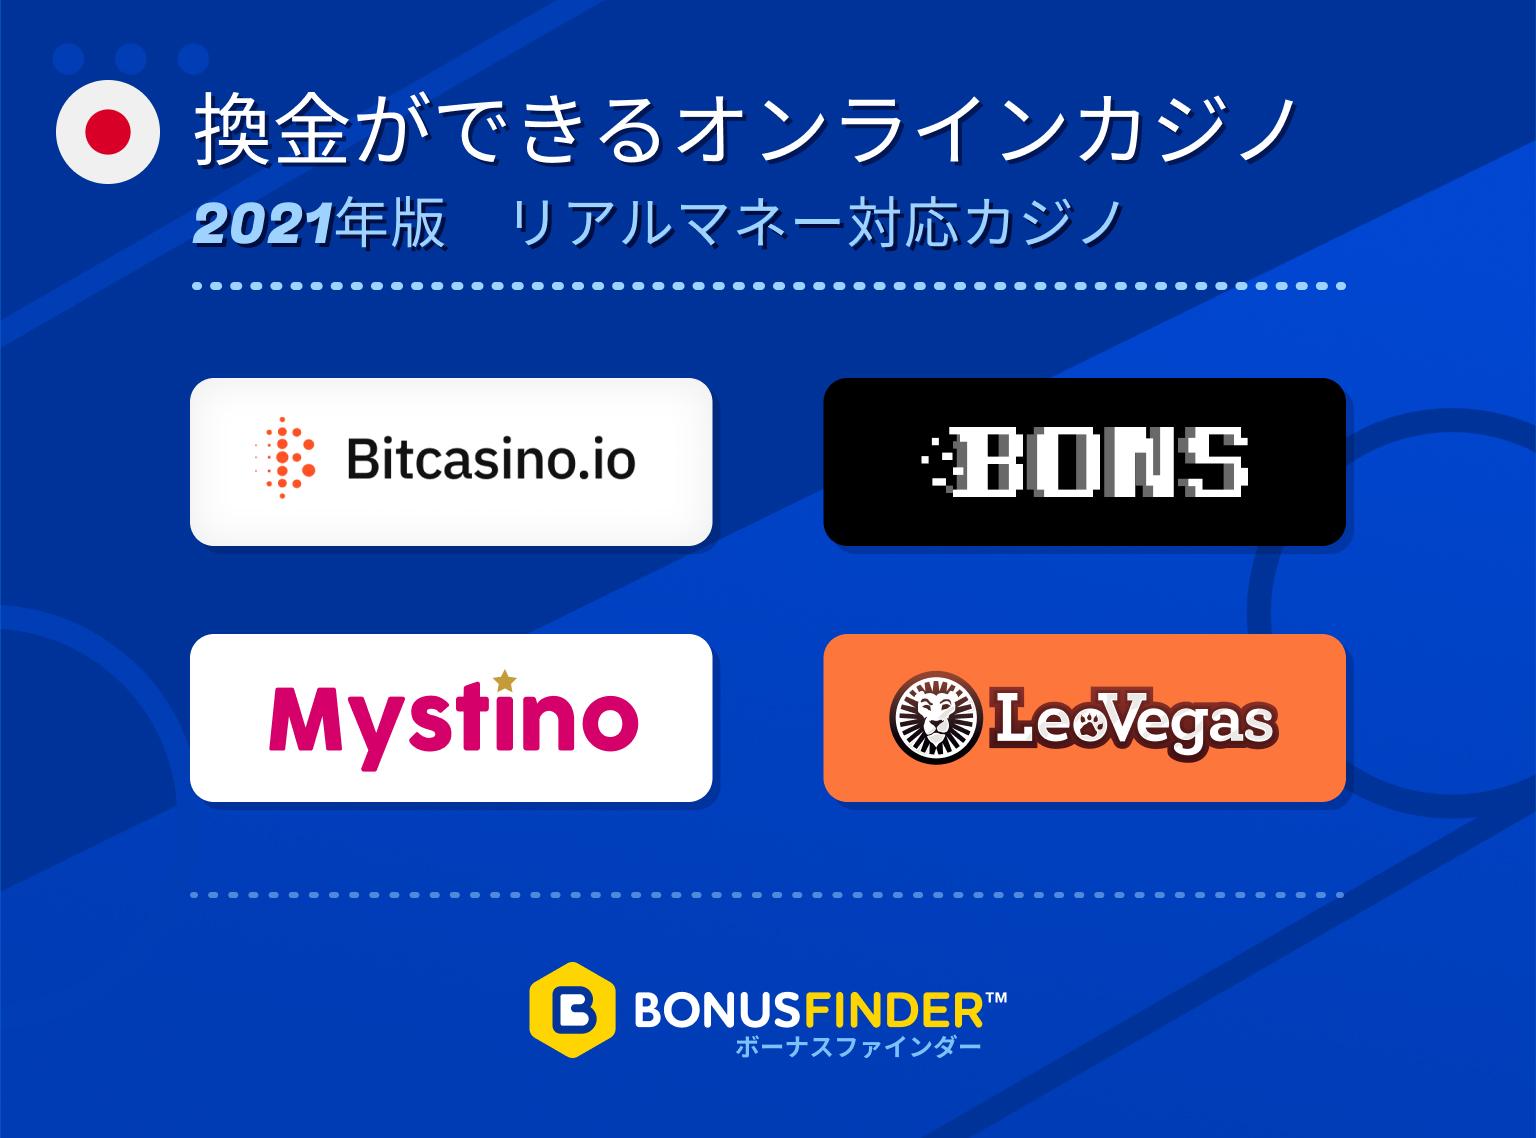 換金ができるオンラインカジノ